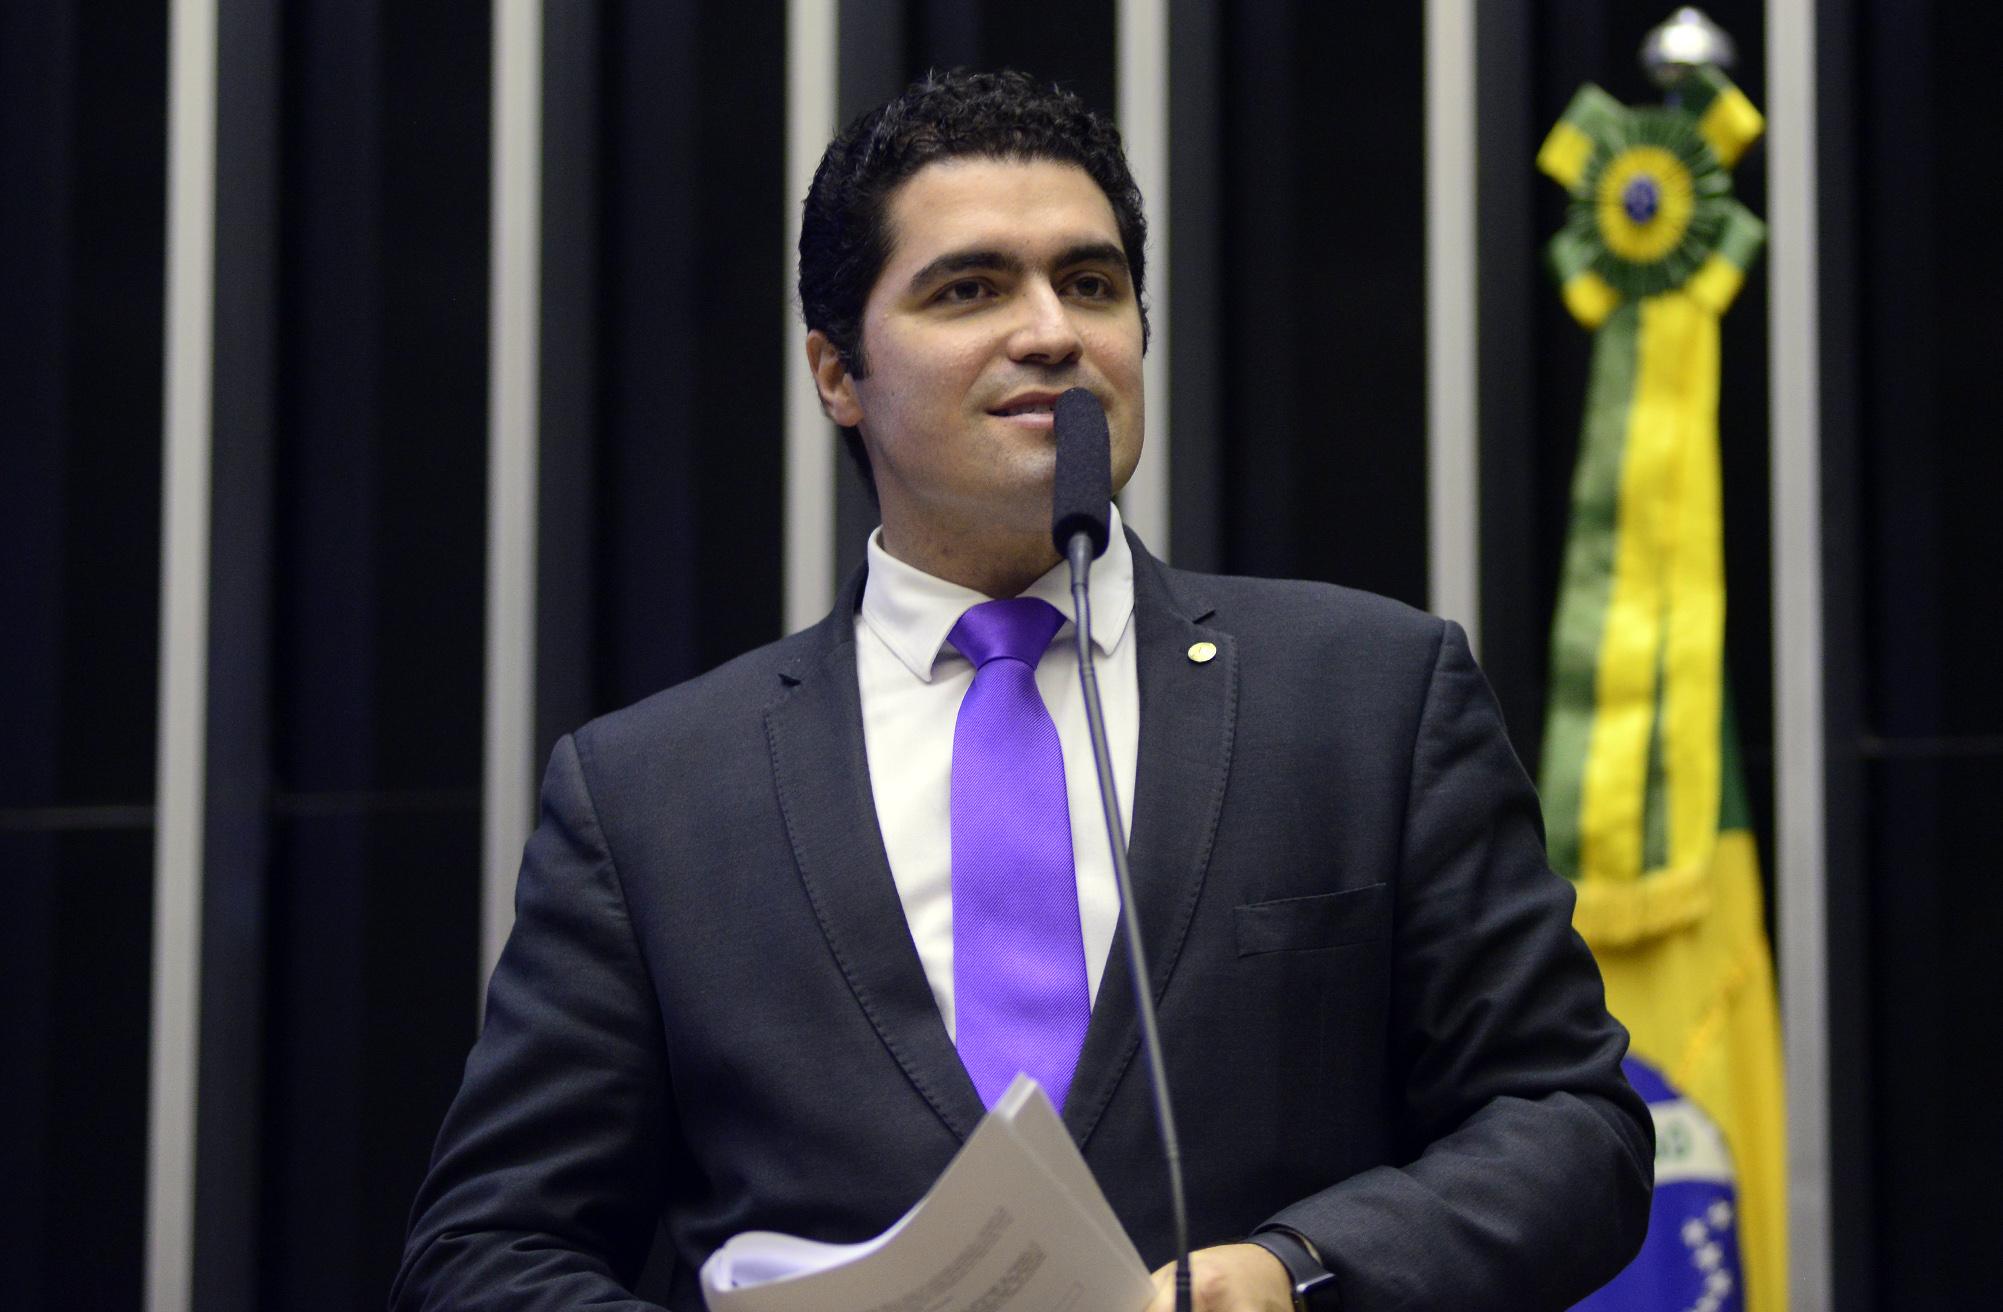 Sessão extraordinária para discussão e votação de diversos projetos. Dep. Newton Cardoso Jr. (PMDB-MG)